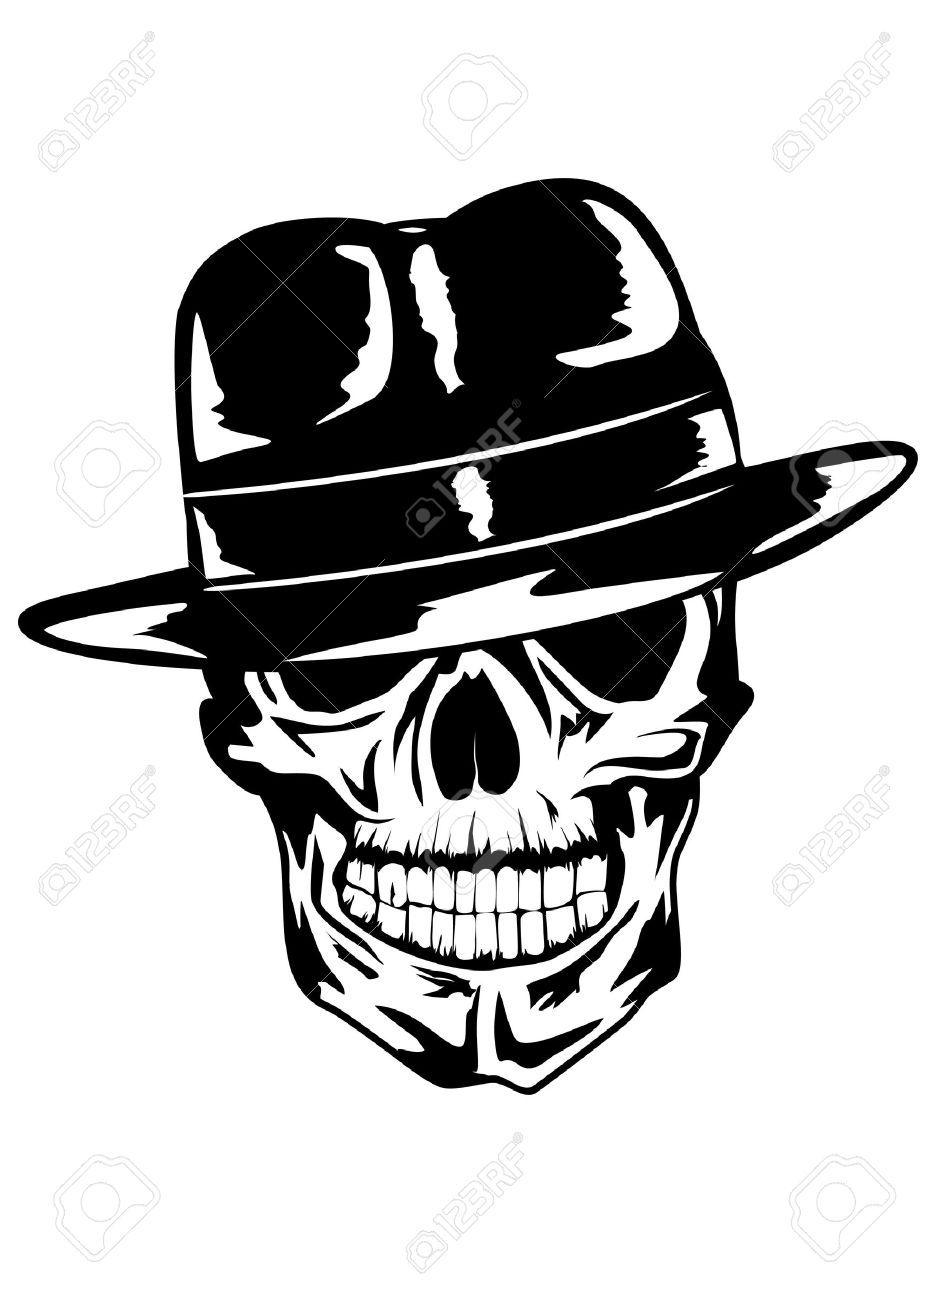 Black Gangster Skull Tattoo Stencil Jpg 942 1300 Simple Skull Skull Stencil Skull Decal